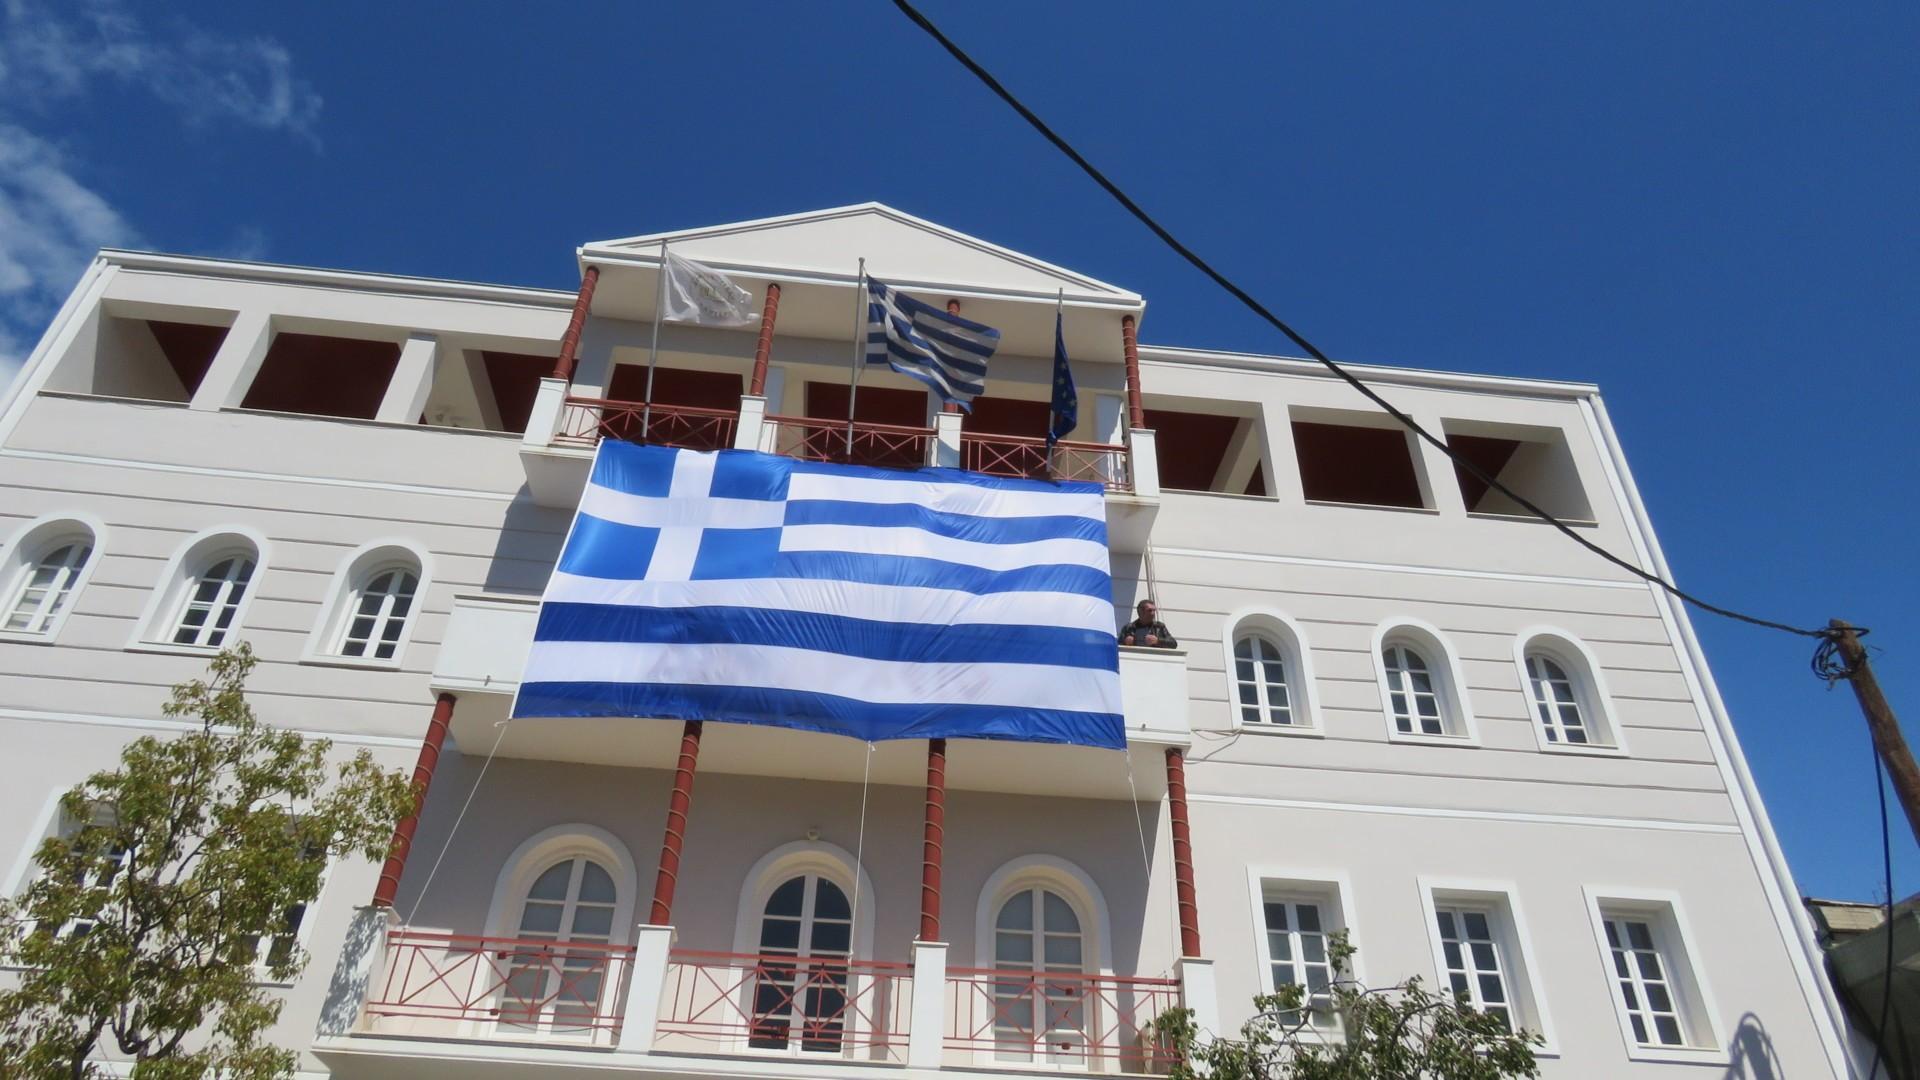 Η ΔΕ Ιτέας κάνει έπαρση μιας τεραστίων διαστάσεων Ελληνική σημαίας σε Δημόσιο Κτίριο!